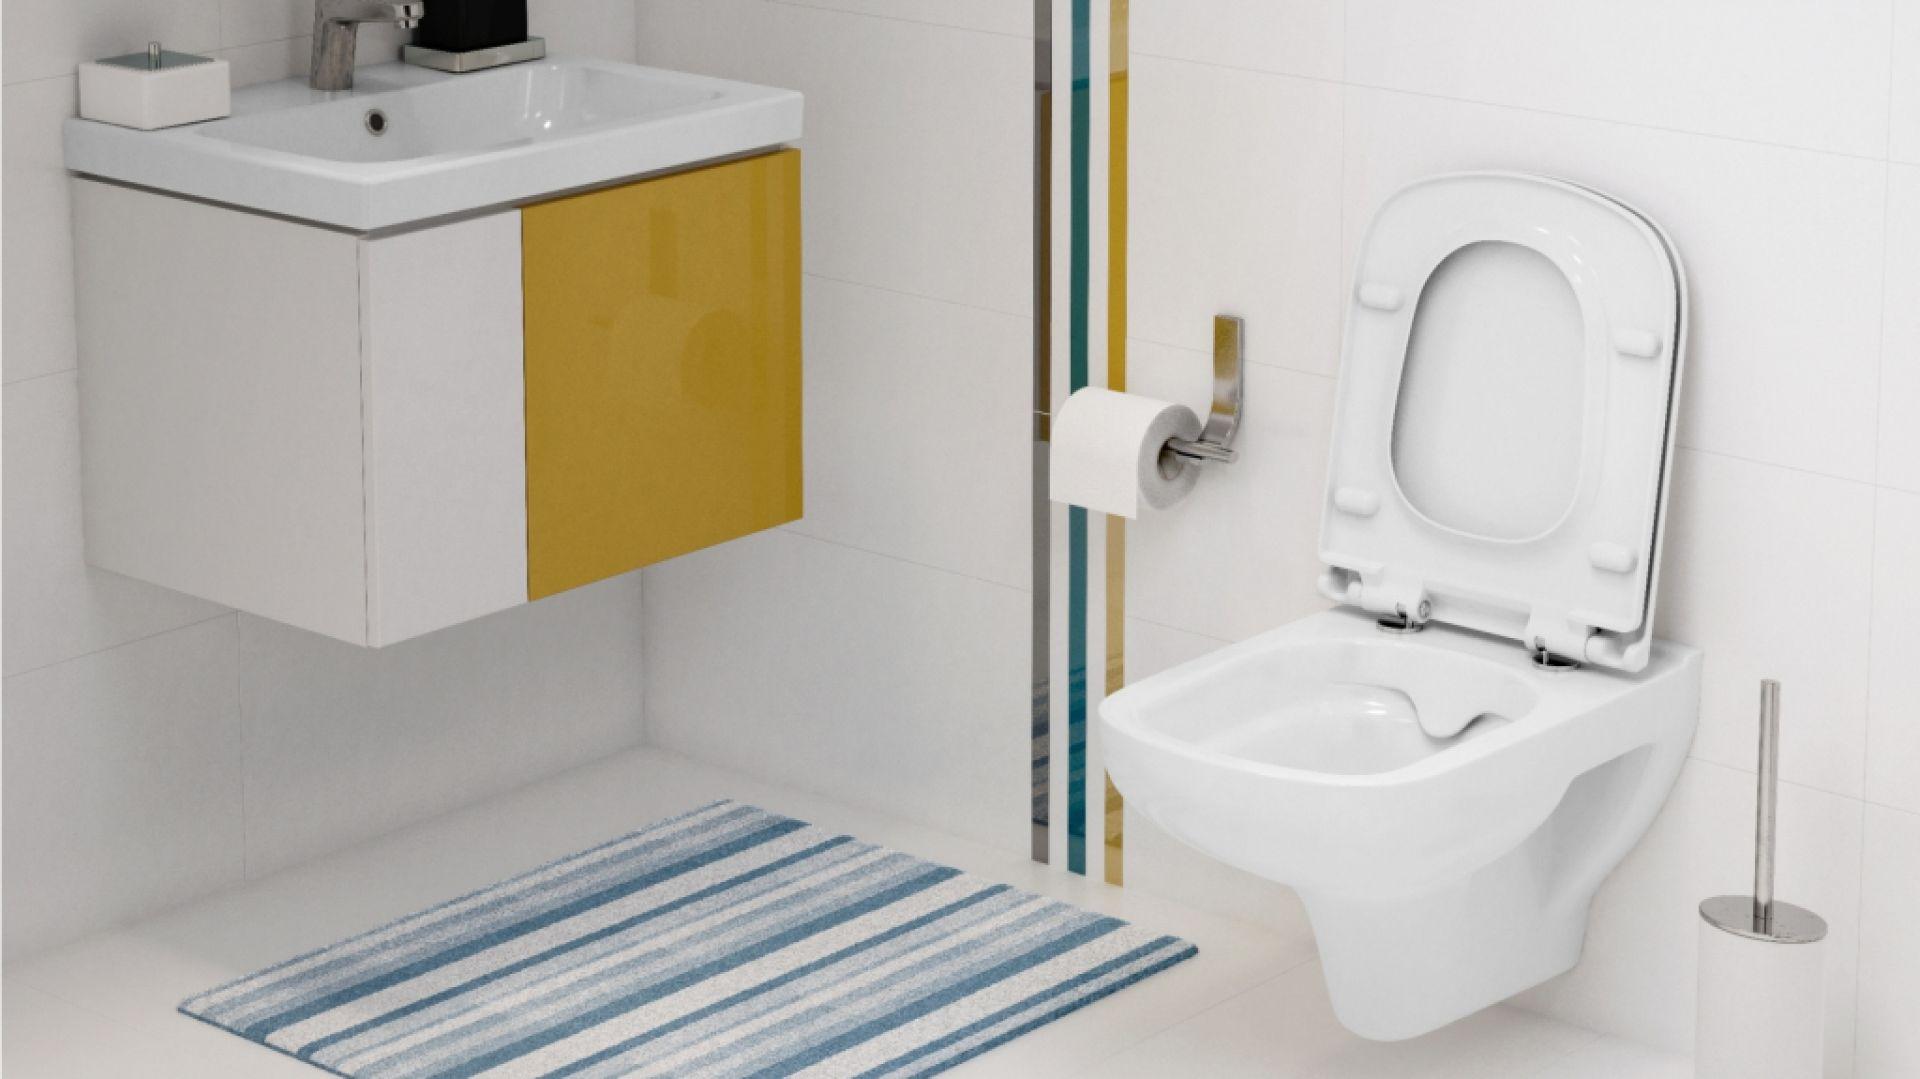 Już na etapie wyboru wyposażenia do łazienki warto zastanowić się nad produktami, które pozwolą zaoszczędzić nasz czas i pieniądze. Ważne jest takie zaaranżowanie przestrzeni, aby uniknąć trudno dostępnych miejsc. Fot. Cersanit